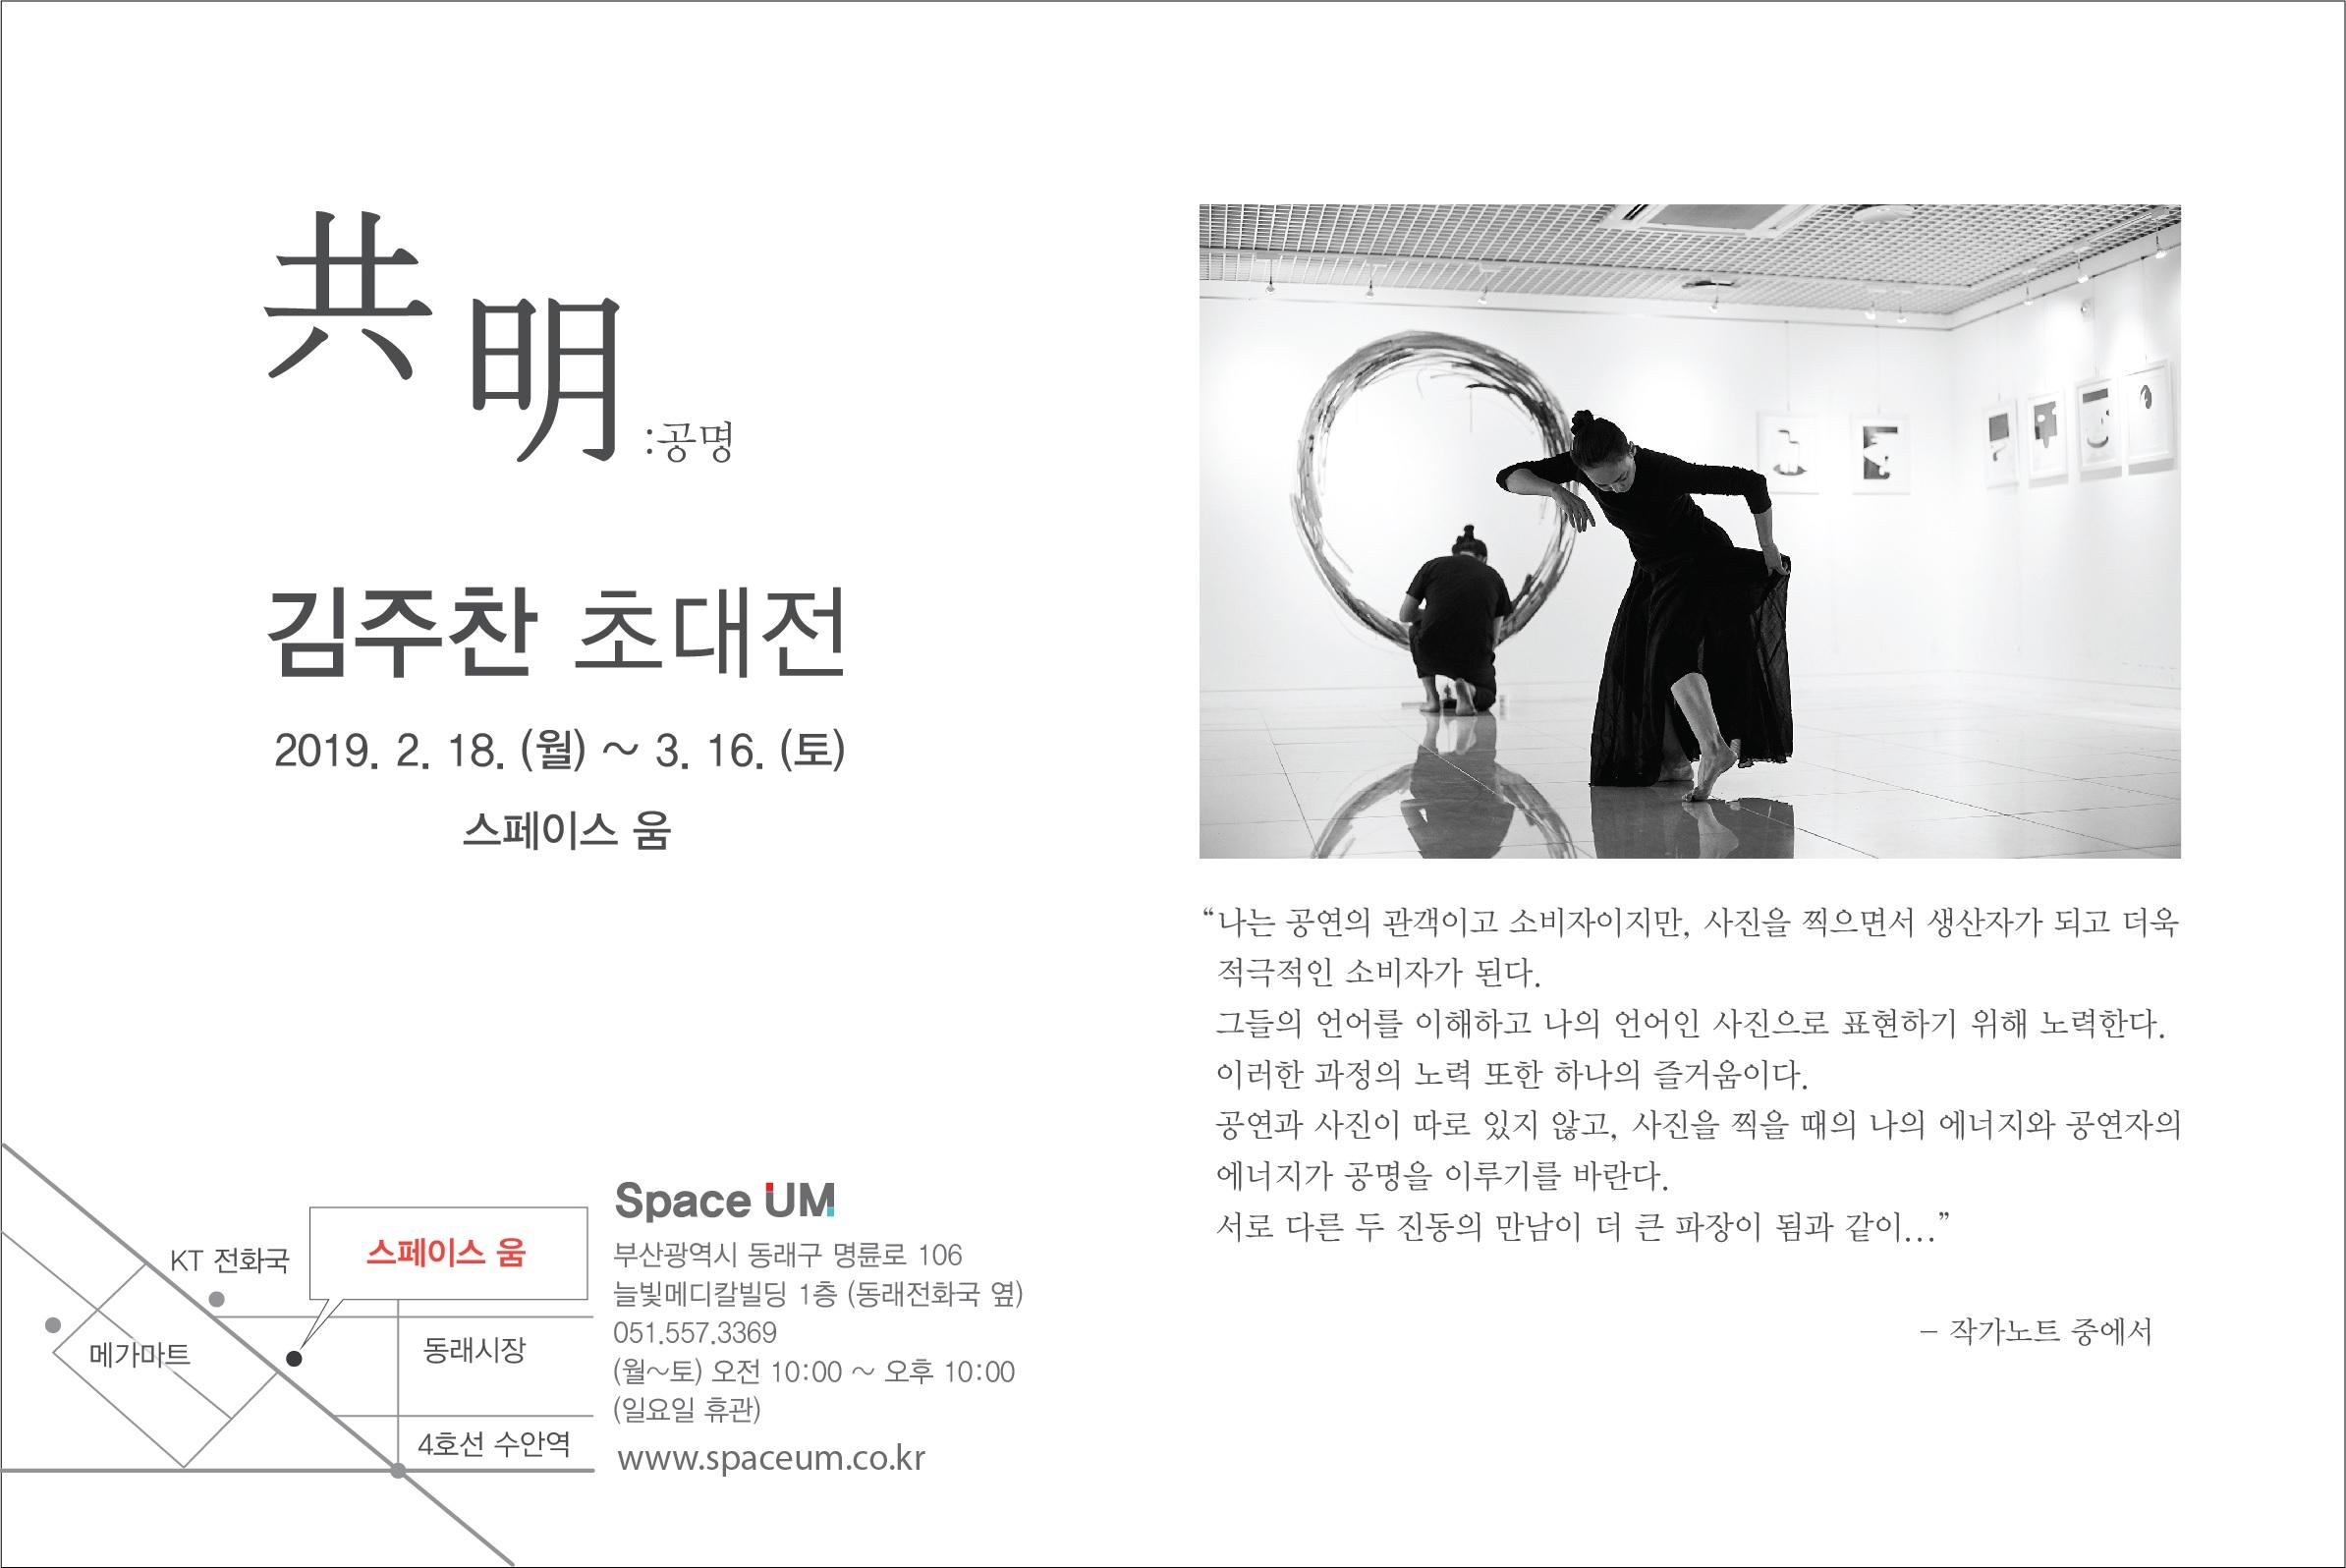 2019-2-18 ~ 3.16 김주찬 초대전 - 공명.jpg